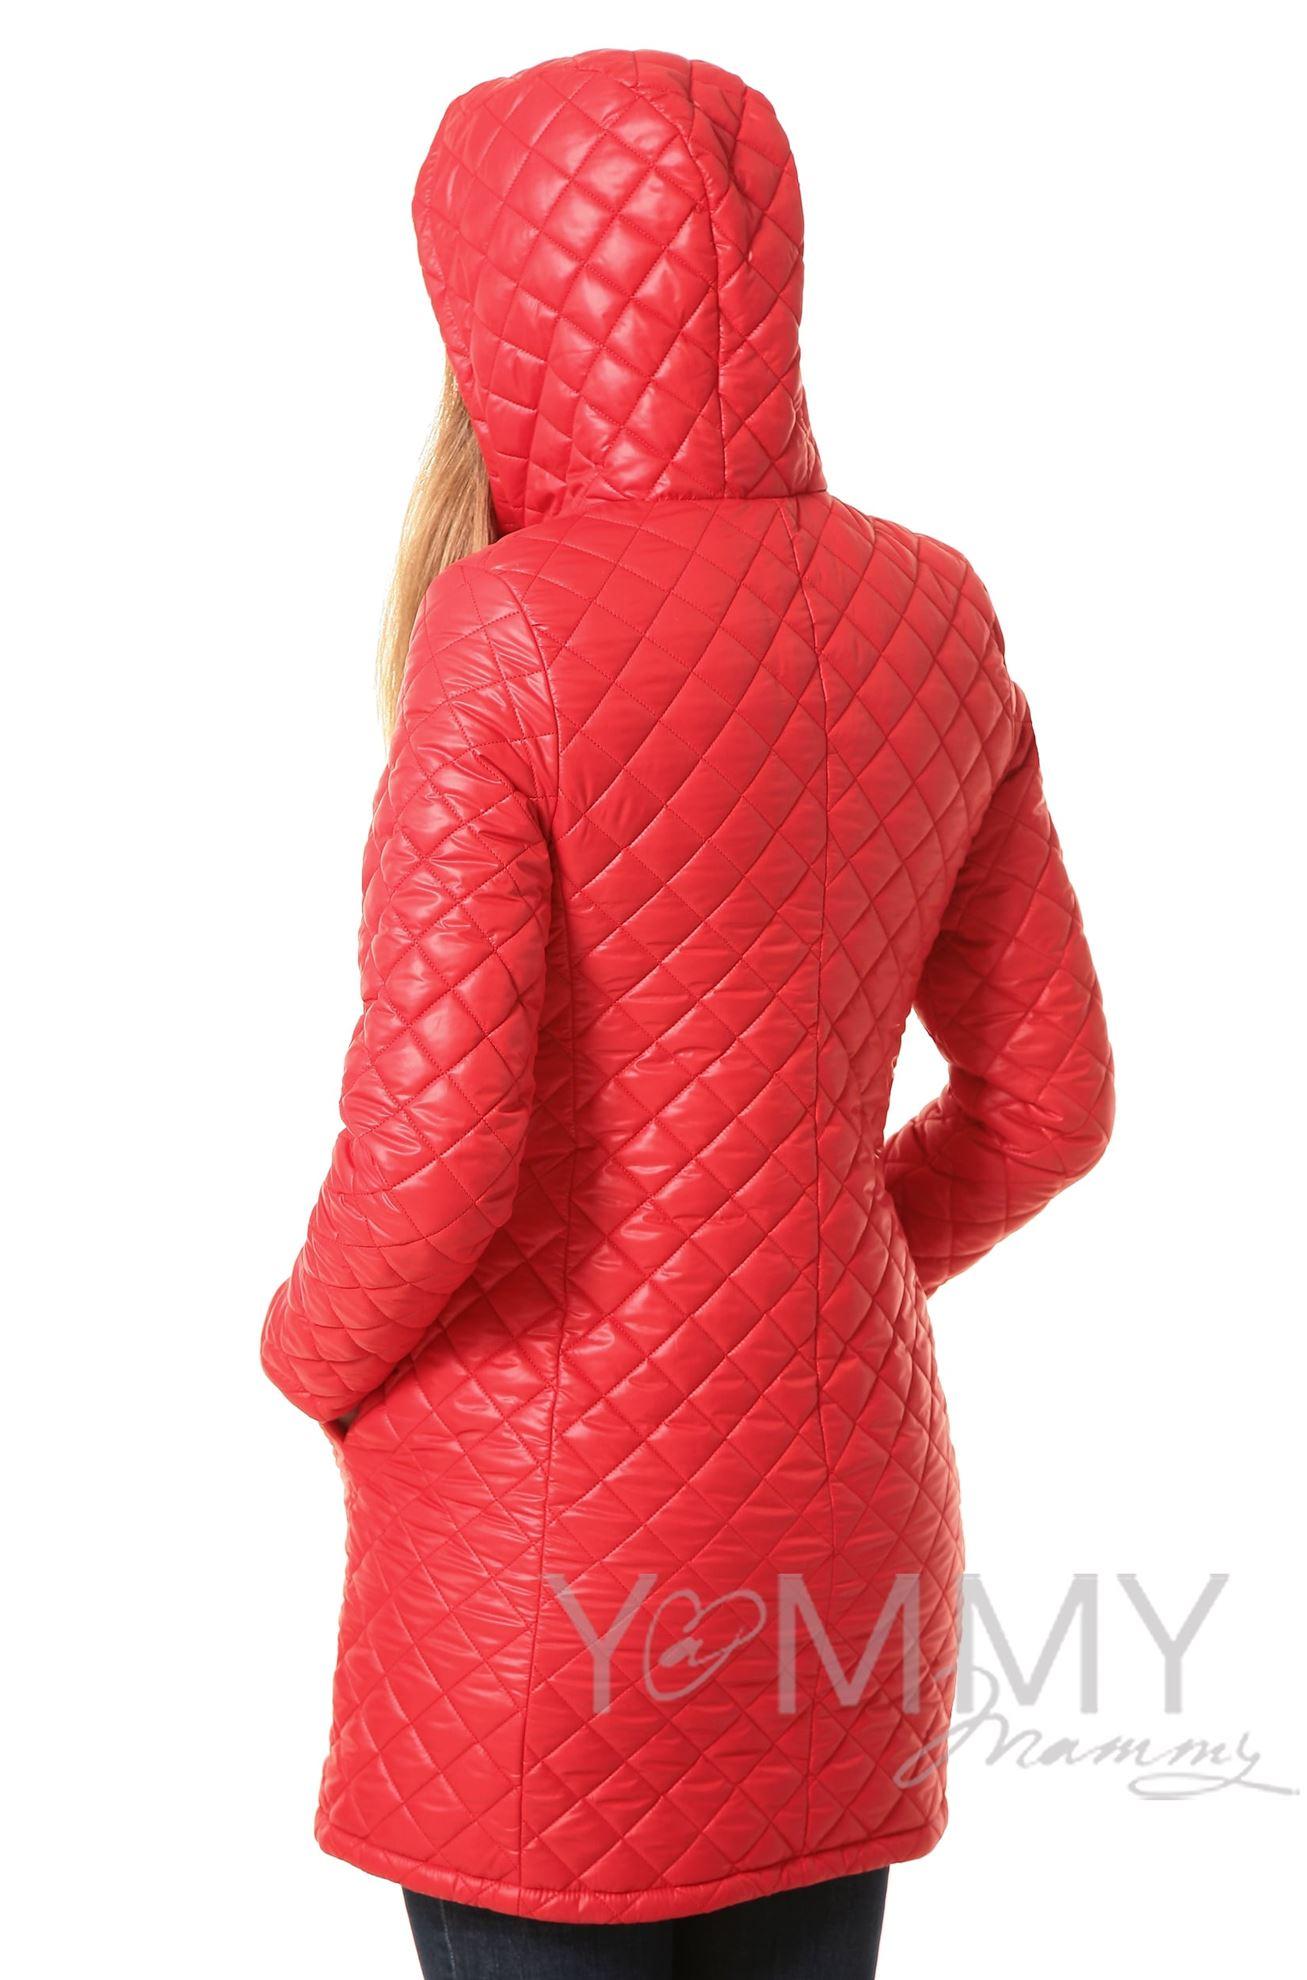 Изображение                               Куртка 3 в 1 стеганная красная